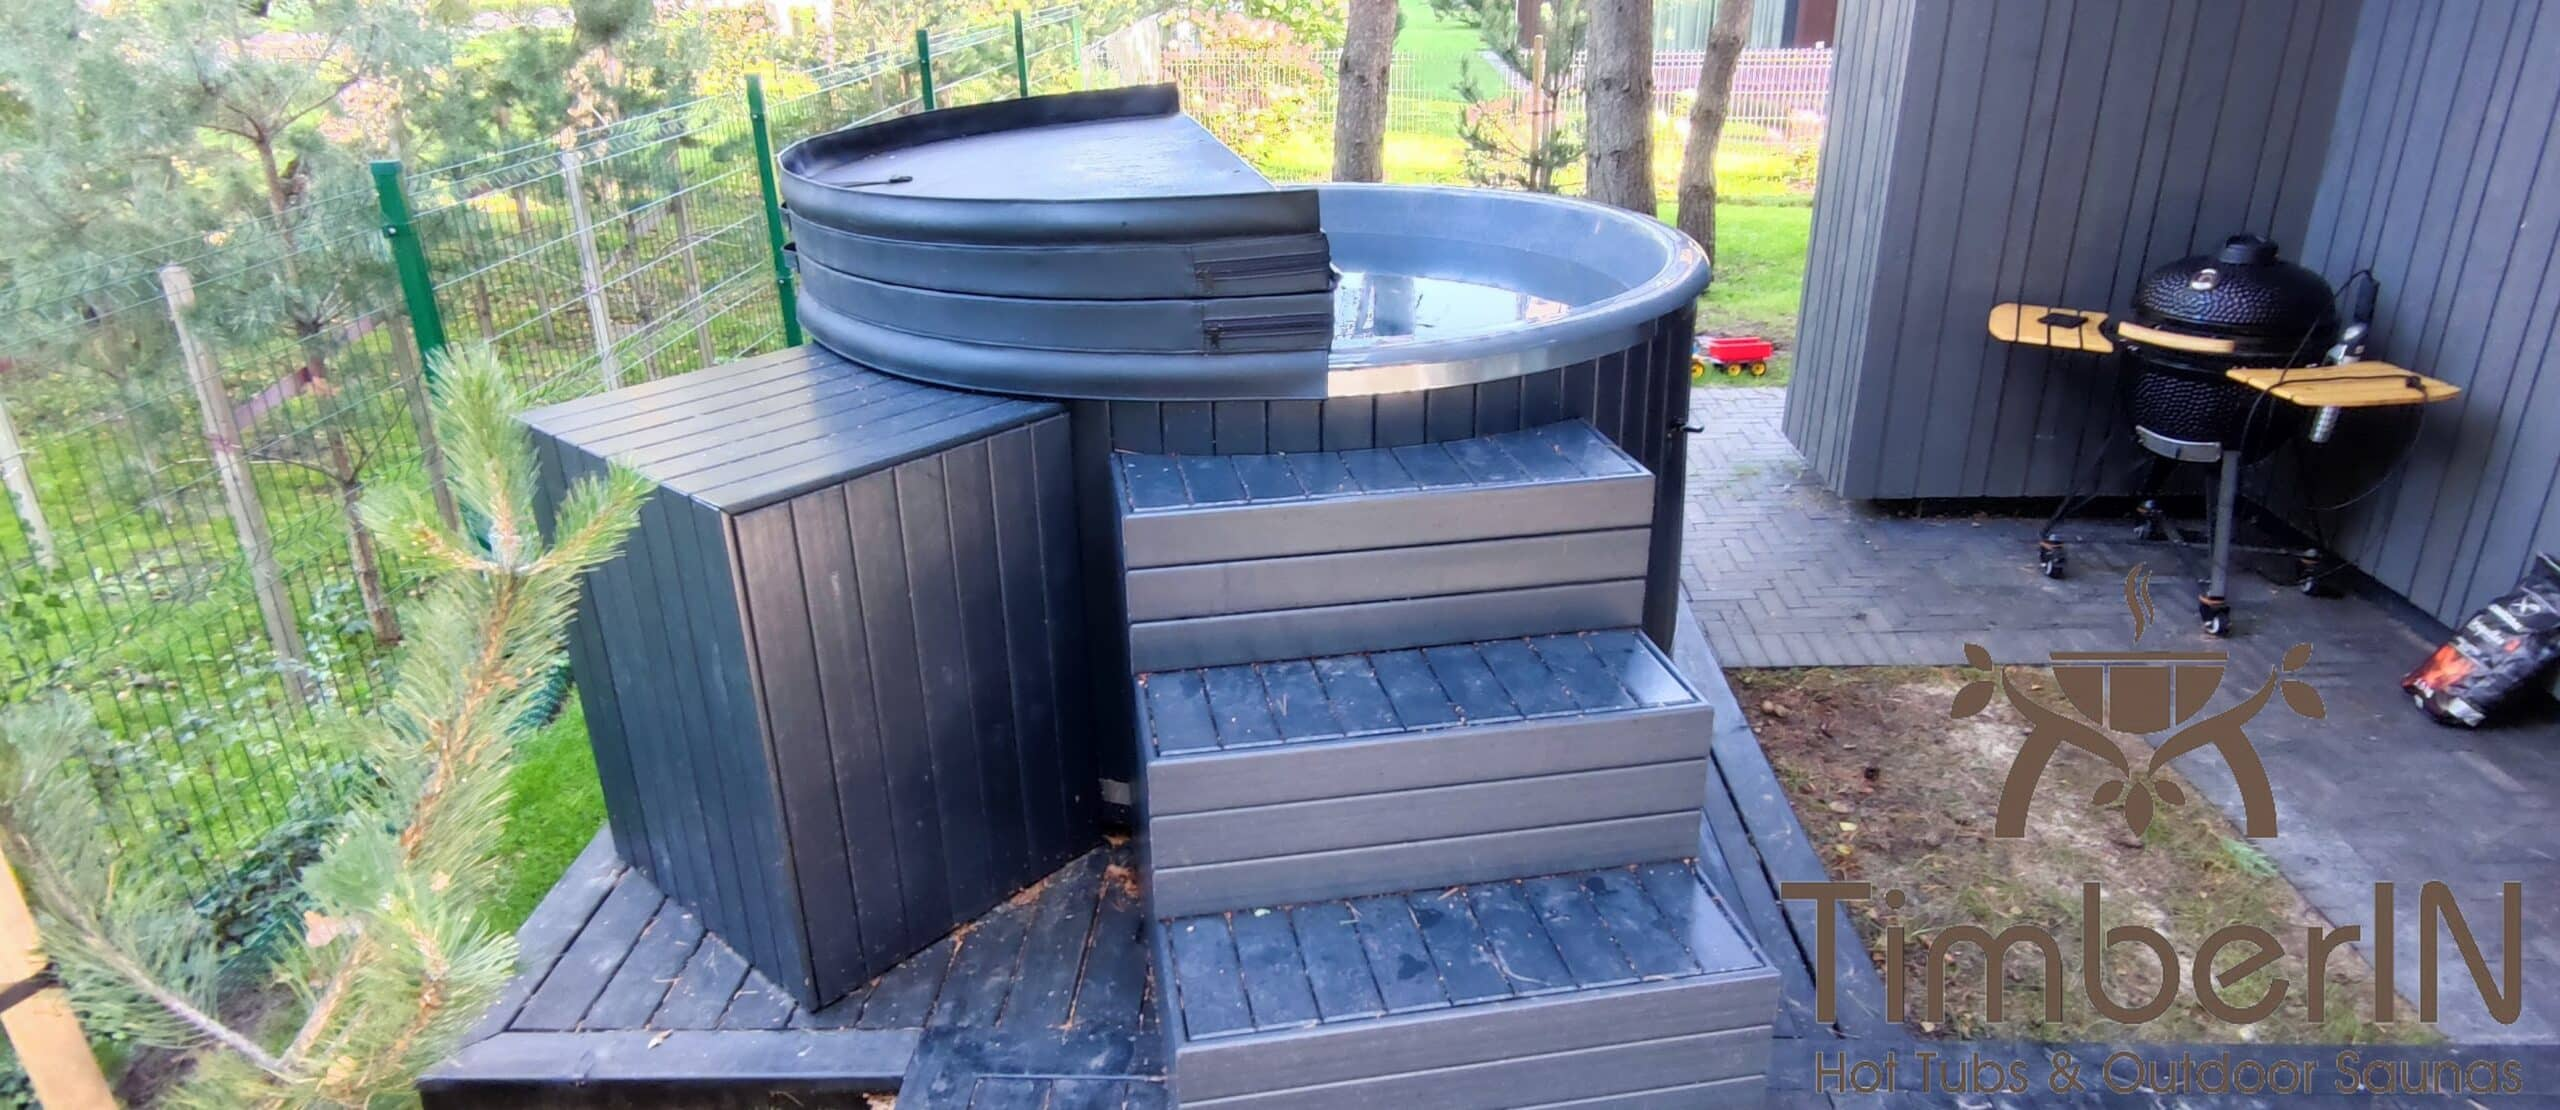 Badezuber elektrisch beheizt mit Elektroheizung 4 scaled